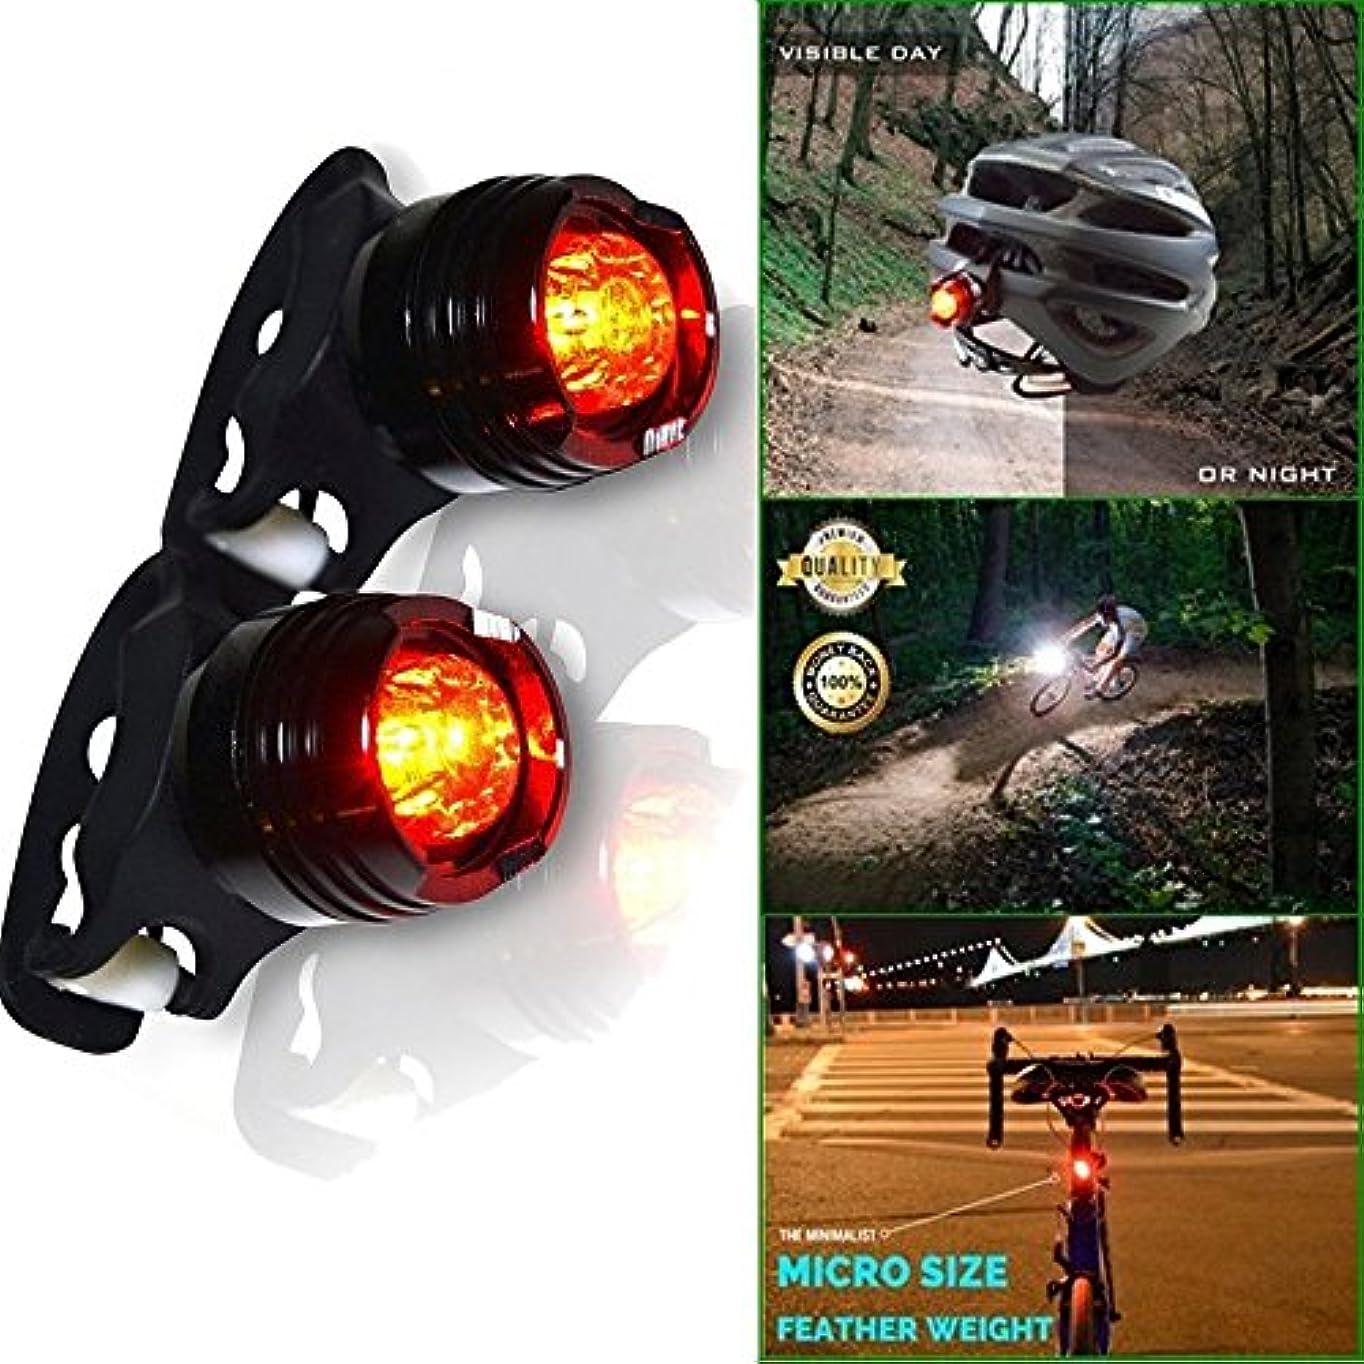 ふりをする線悲観的TangQI 自転車用ライト LED 二つ 強力 高輝度 3モード 4 x CR2032リチウム電池 明るい 他の自動車に注意される 自転車アクセサリー シンプル 簡単に取り付け 軽量 高品質 頑丈 耐久性